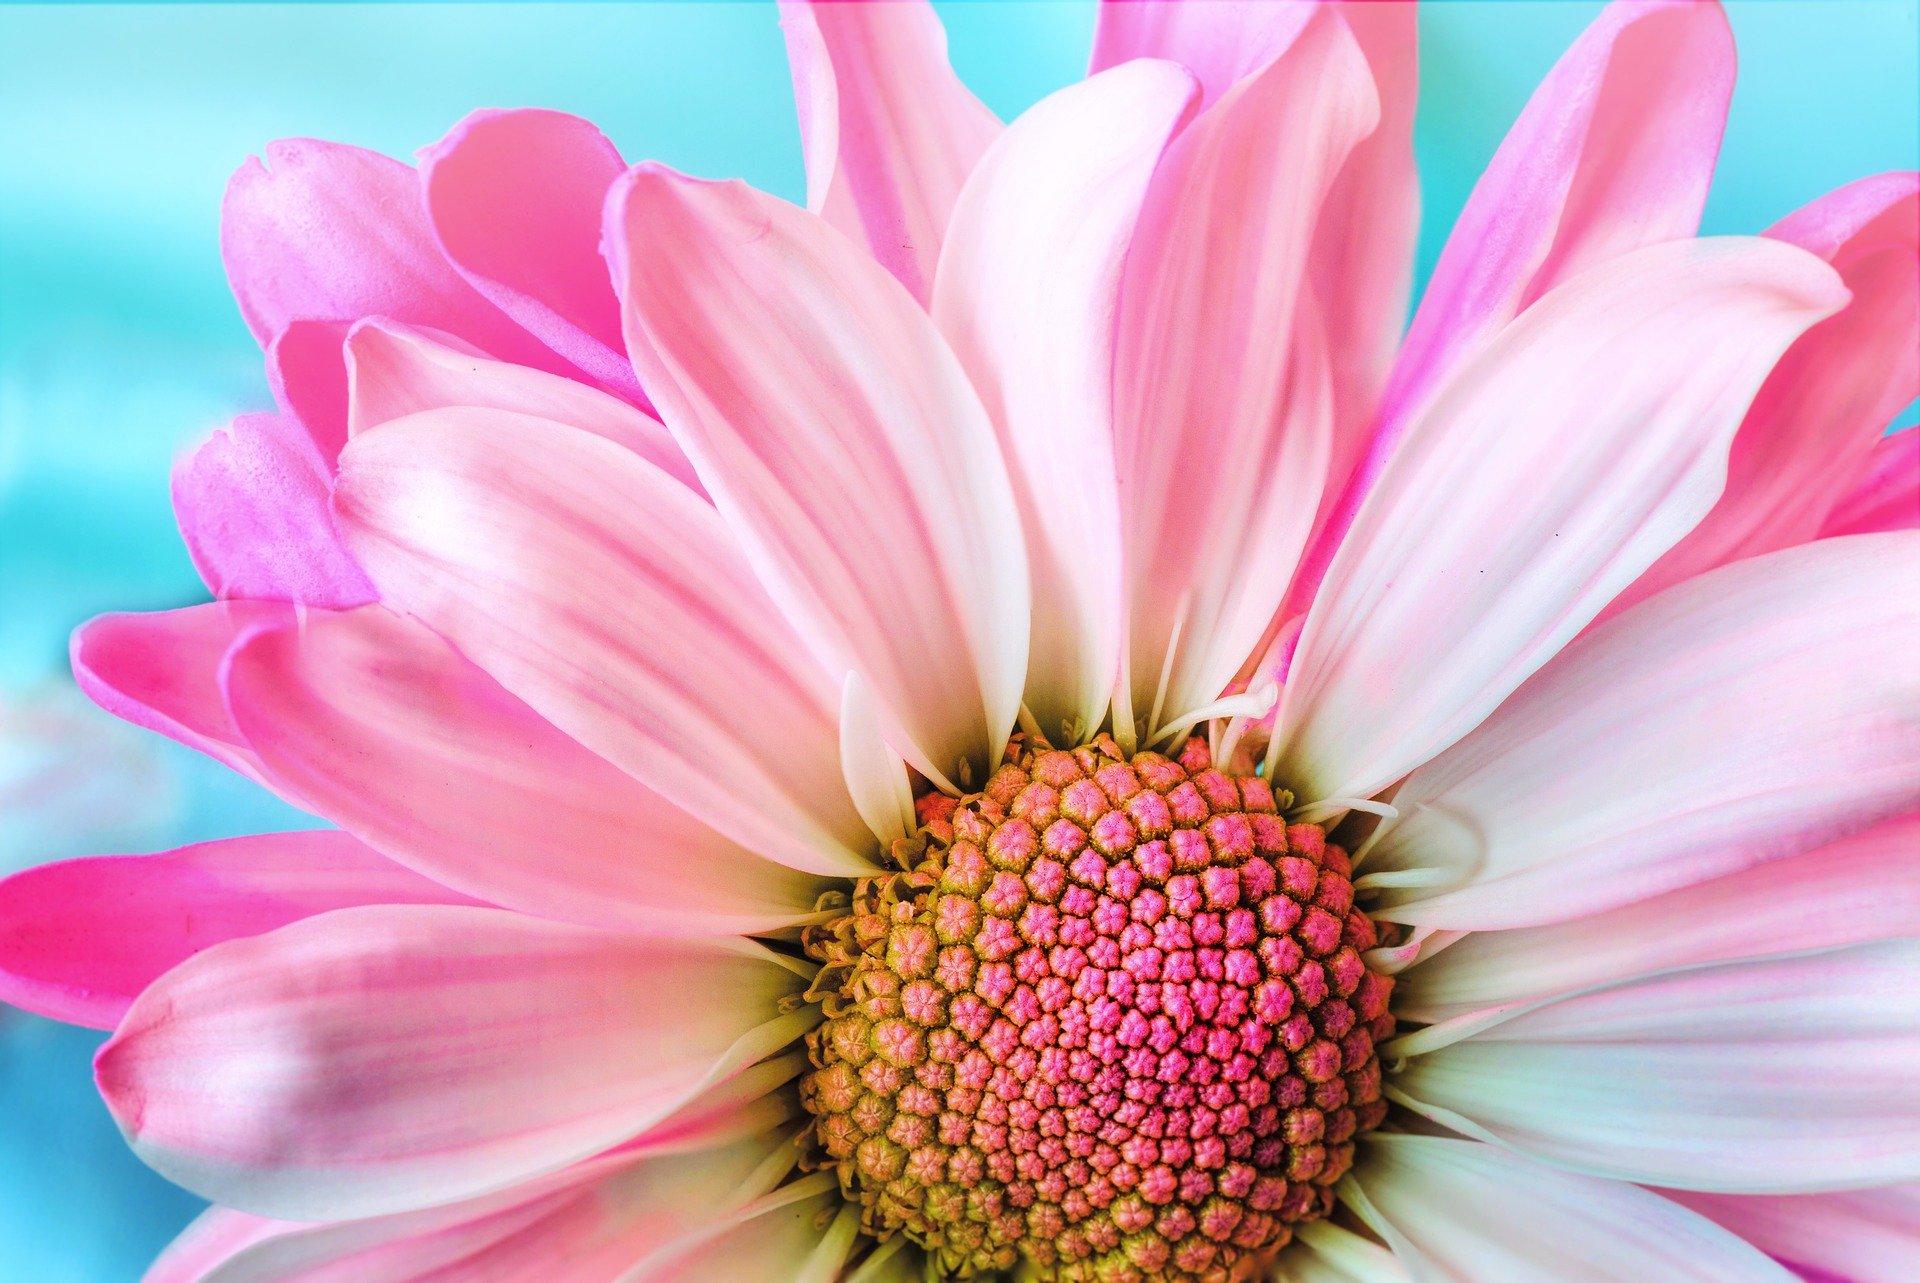 flower-3140492_1920 (1)